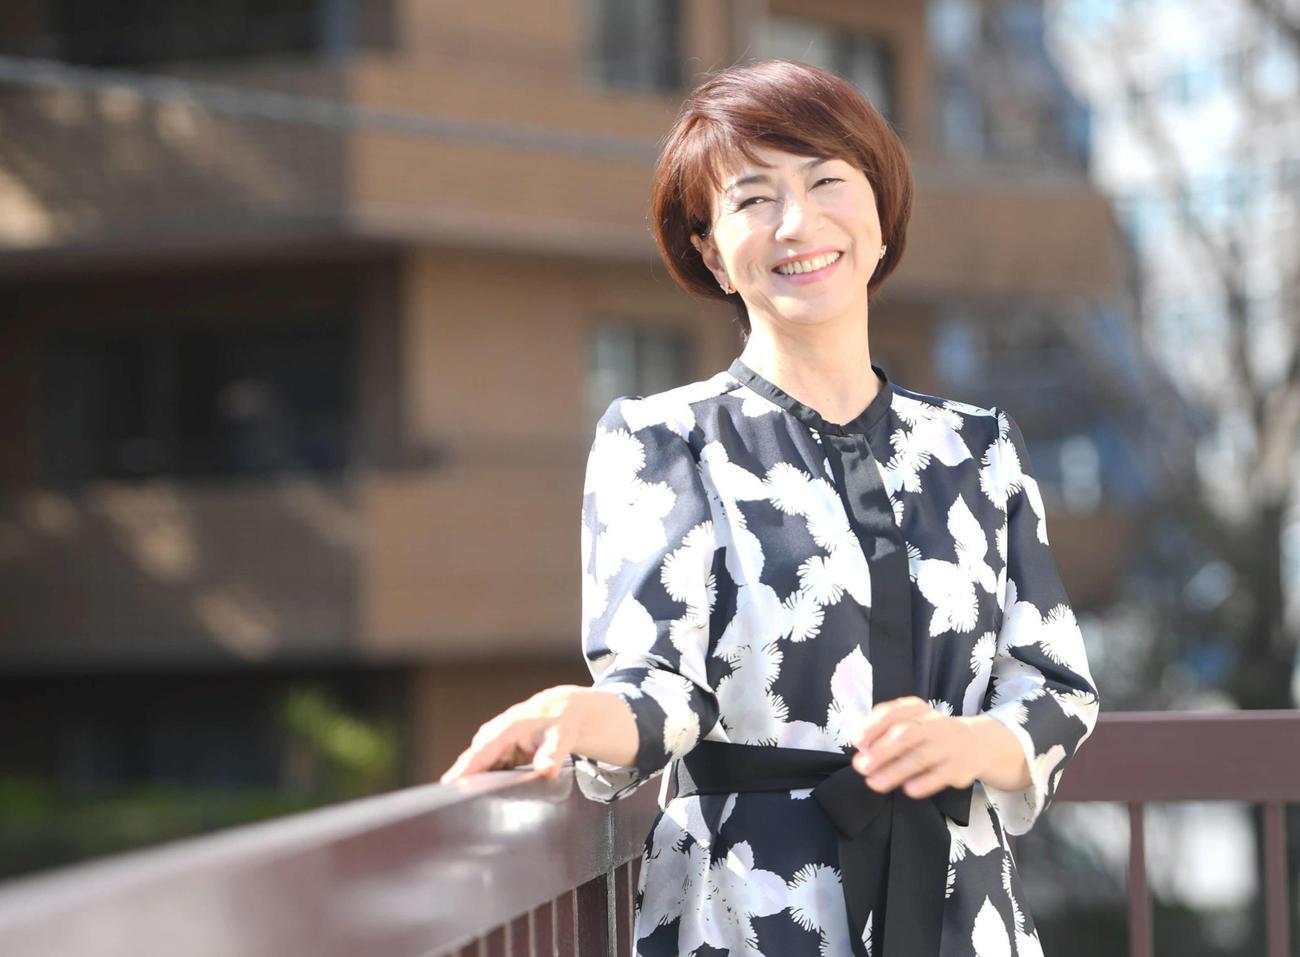 認知症を患った母のドキュメンタリー映画「女優 原田ヒサ子」で監督、制作、撮影、編集を務めた原田美枝子。母への思いを語ってくれた(撮影・たえ見朱実)